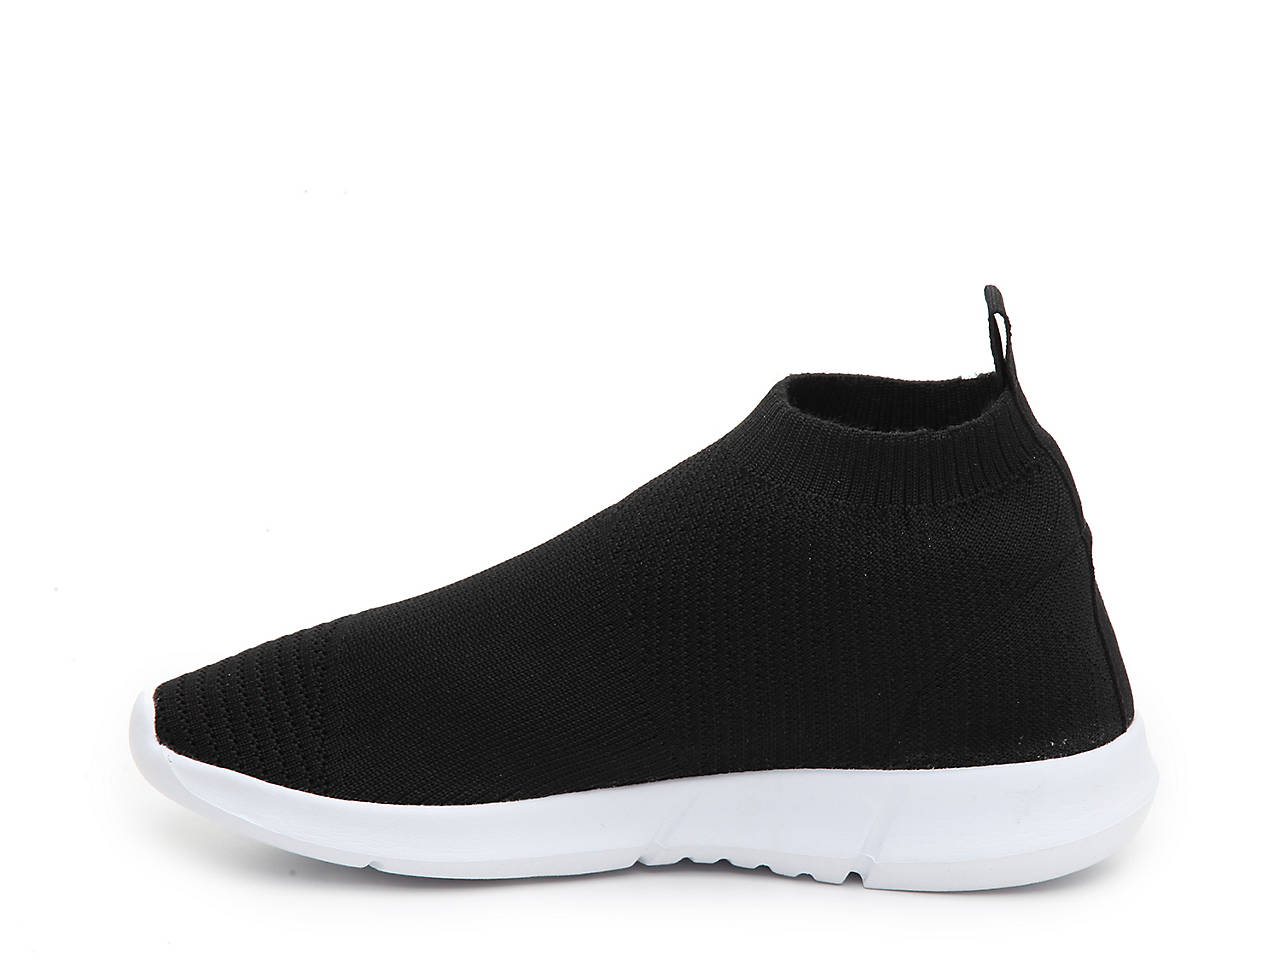 a310176ead0 Steven by Steve Madden Fabs Slip-On Sneaker Women s Shoes